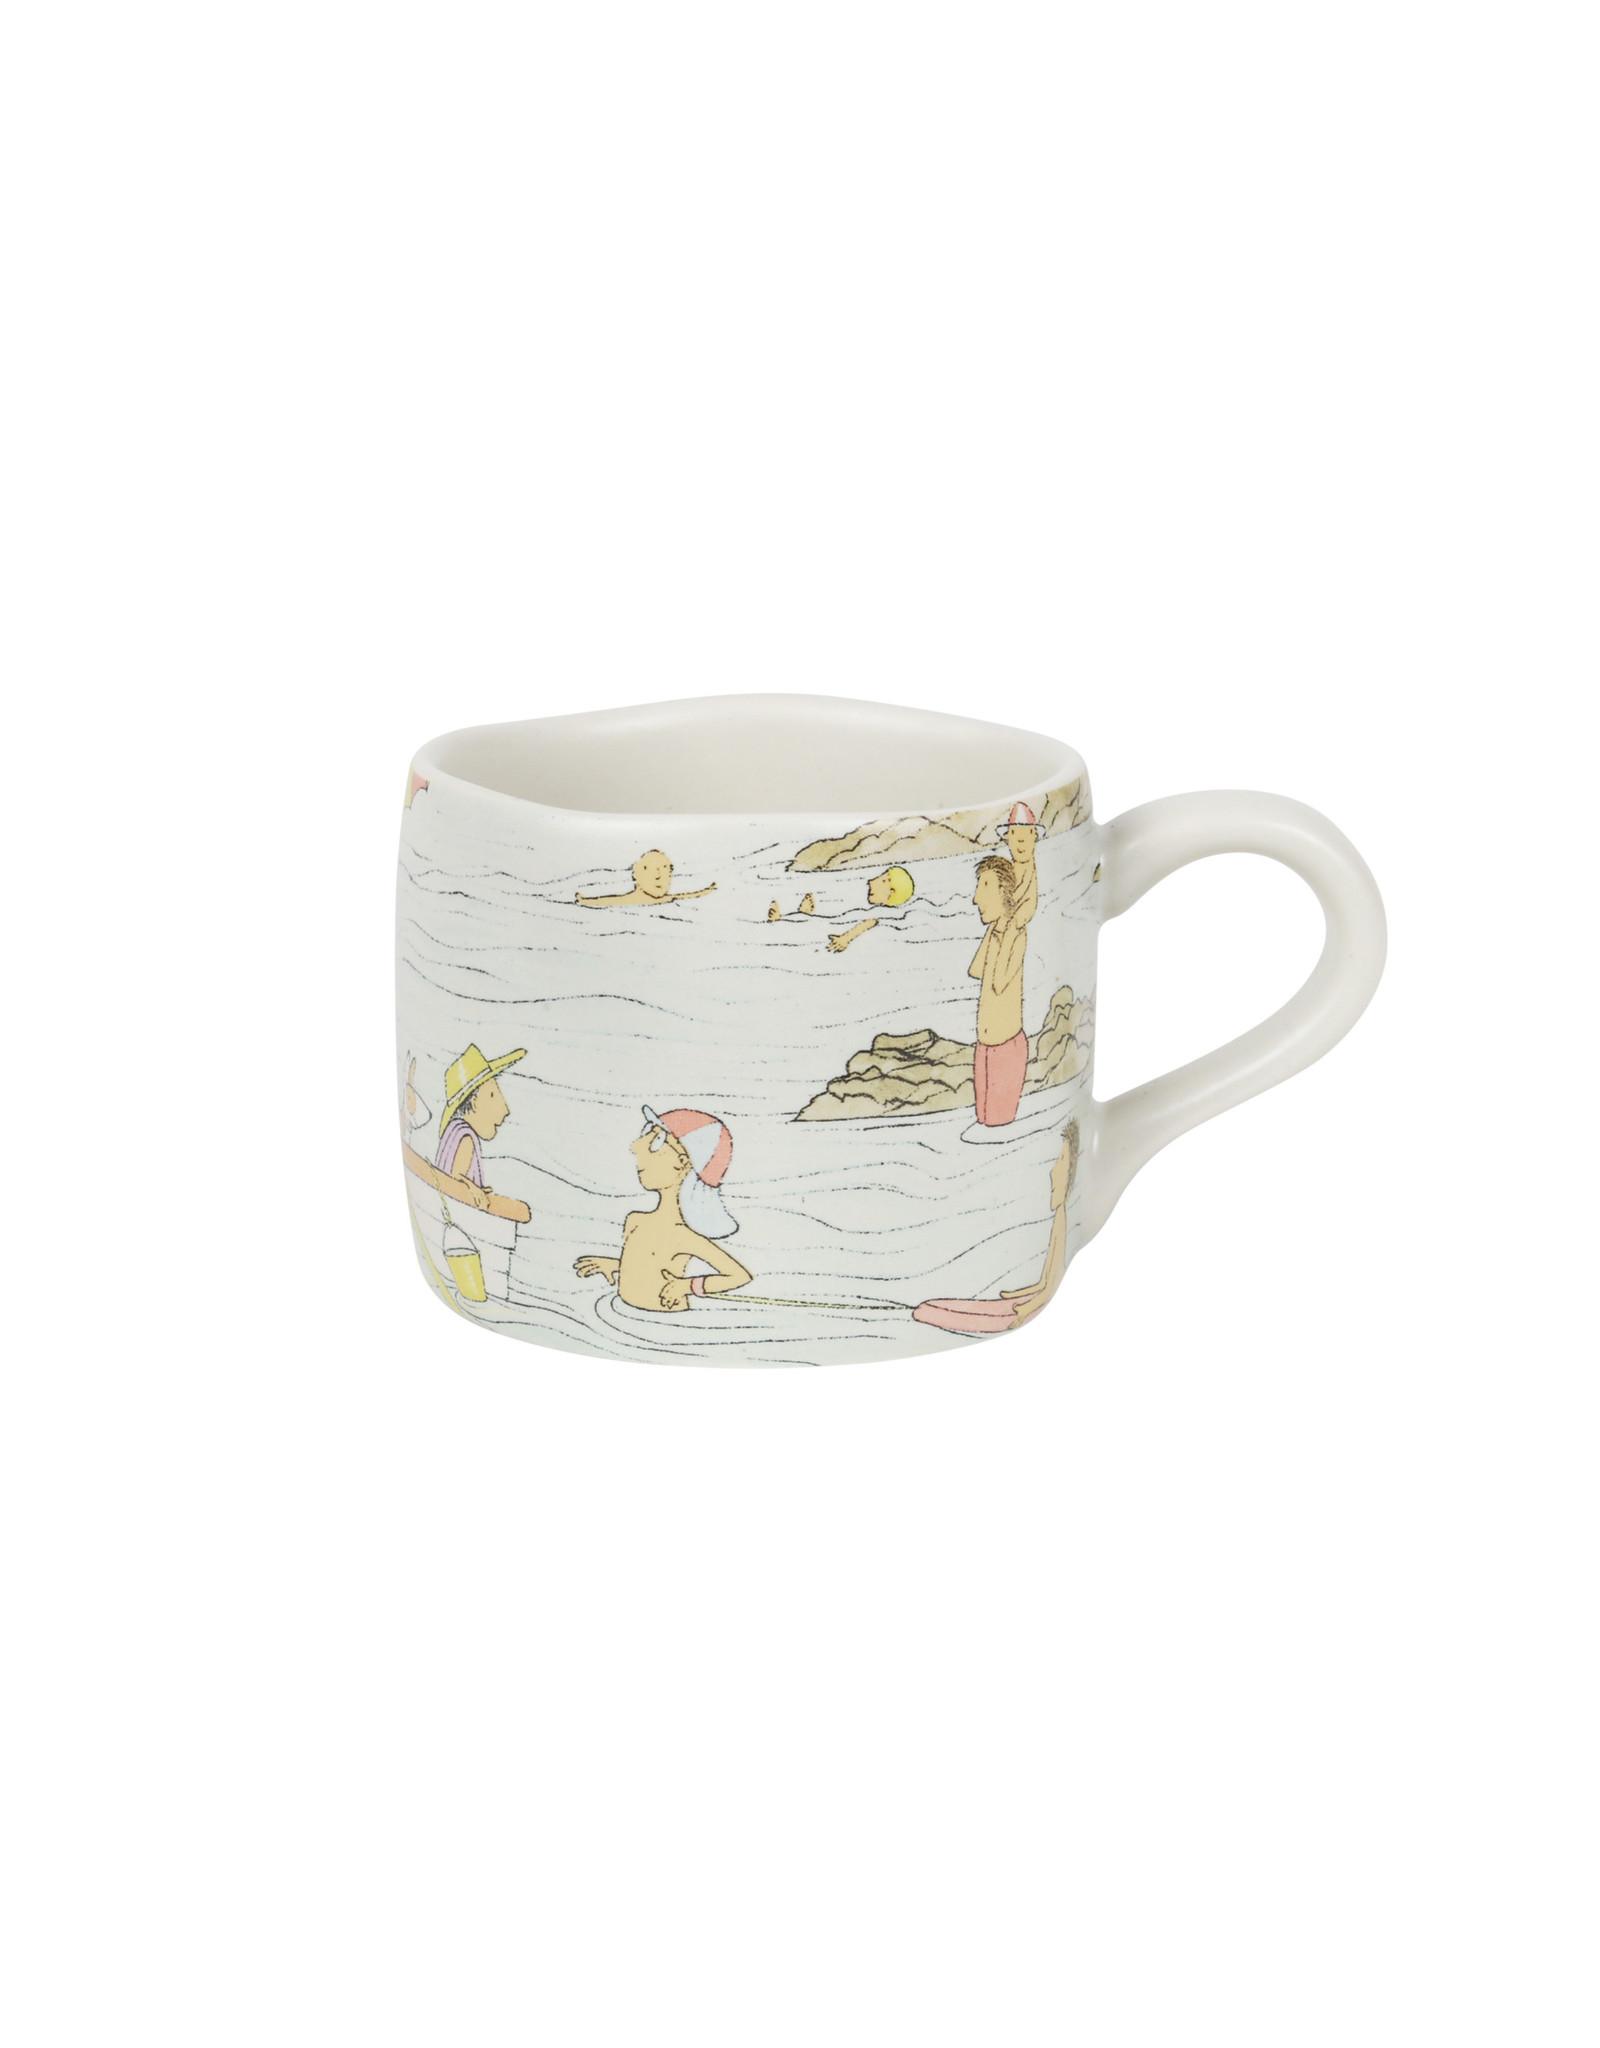 Robert Gordon Alison Lester Childrens Mug Ocean